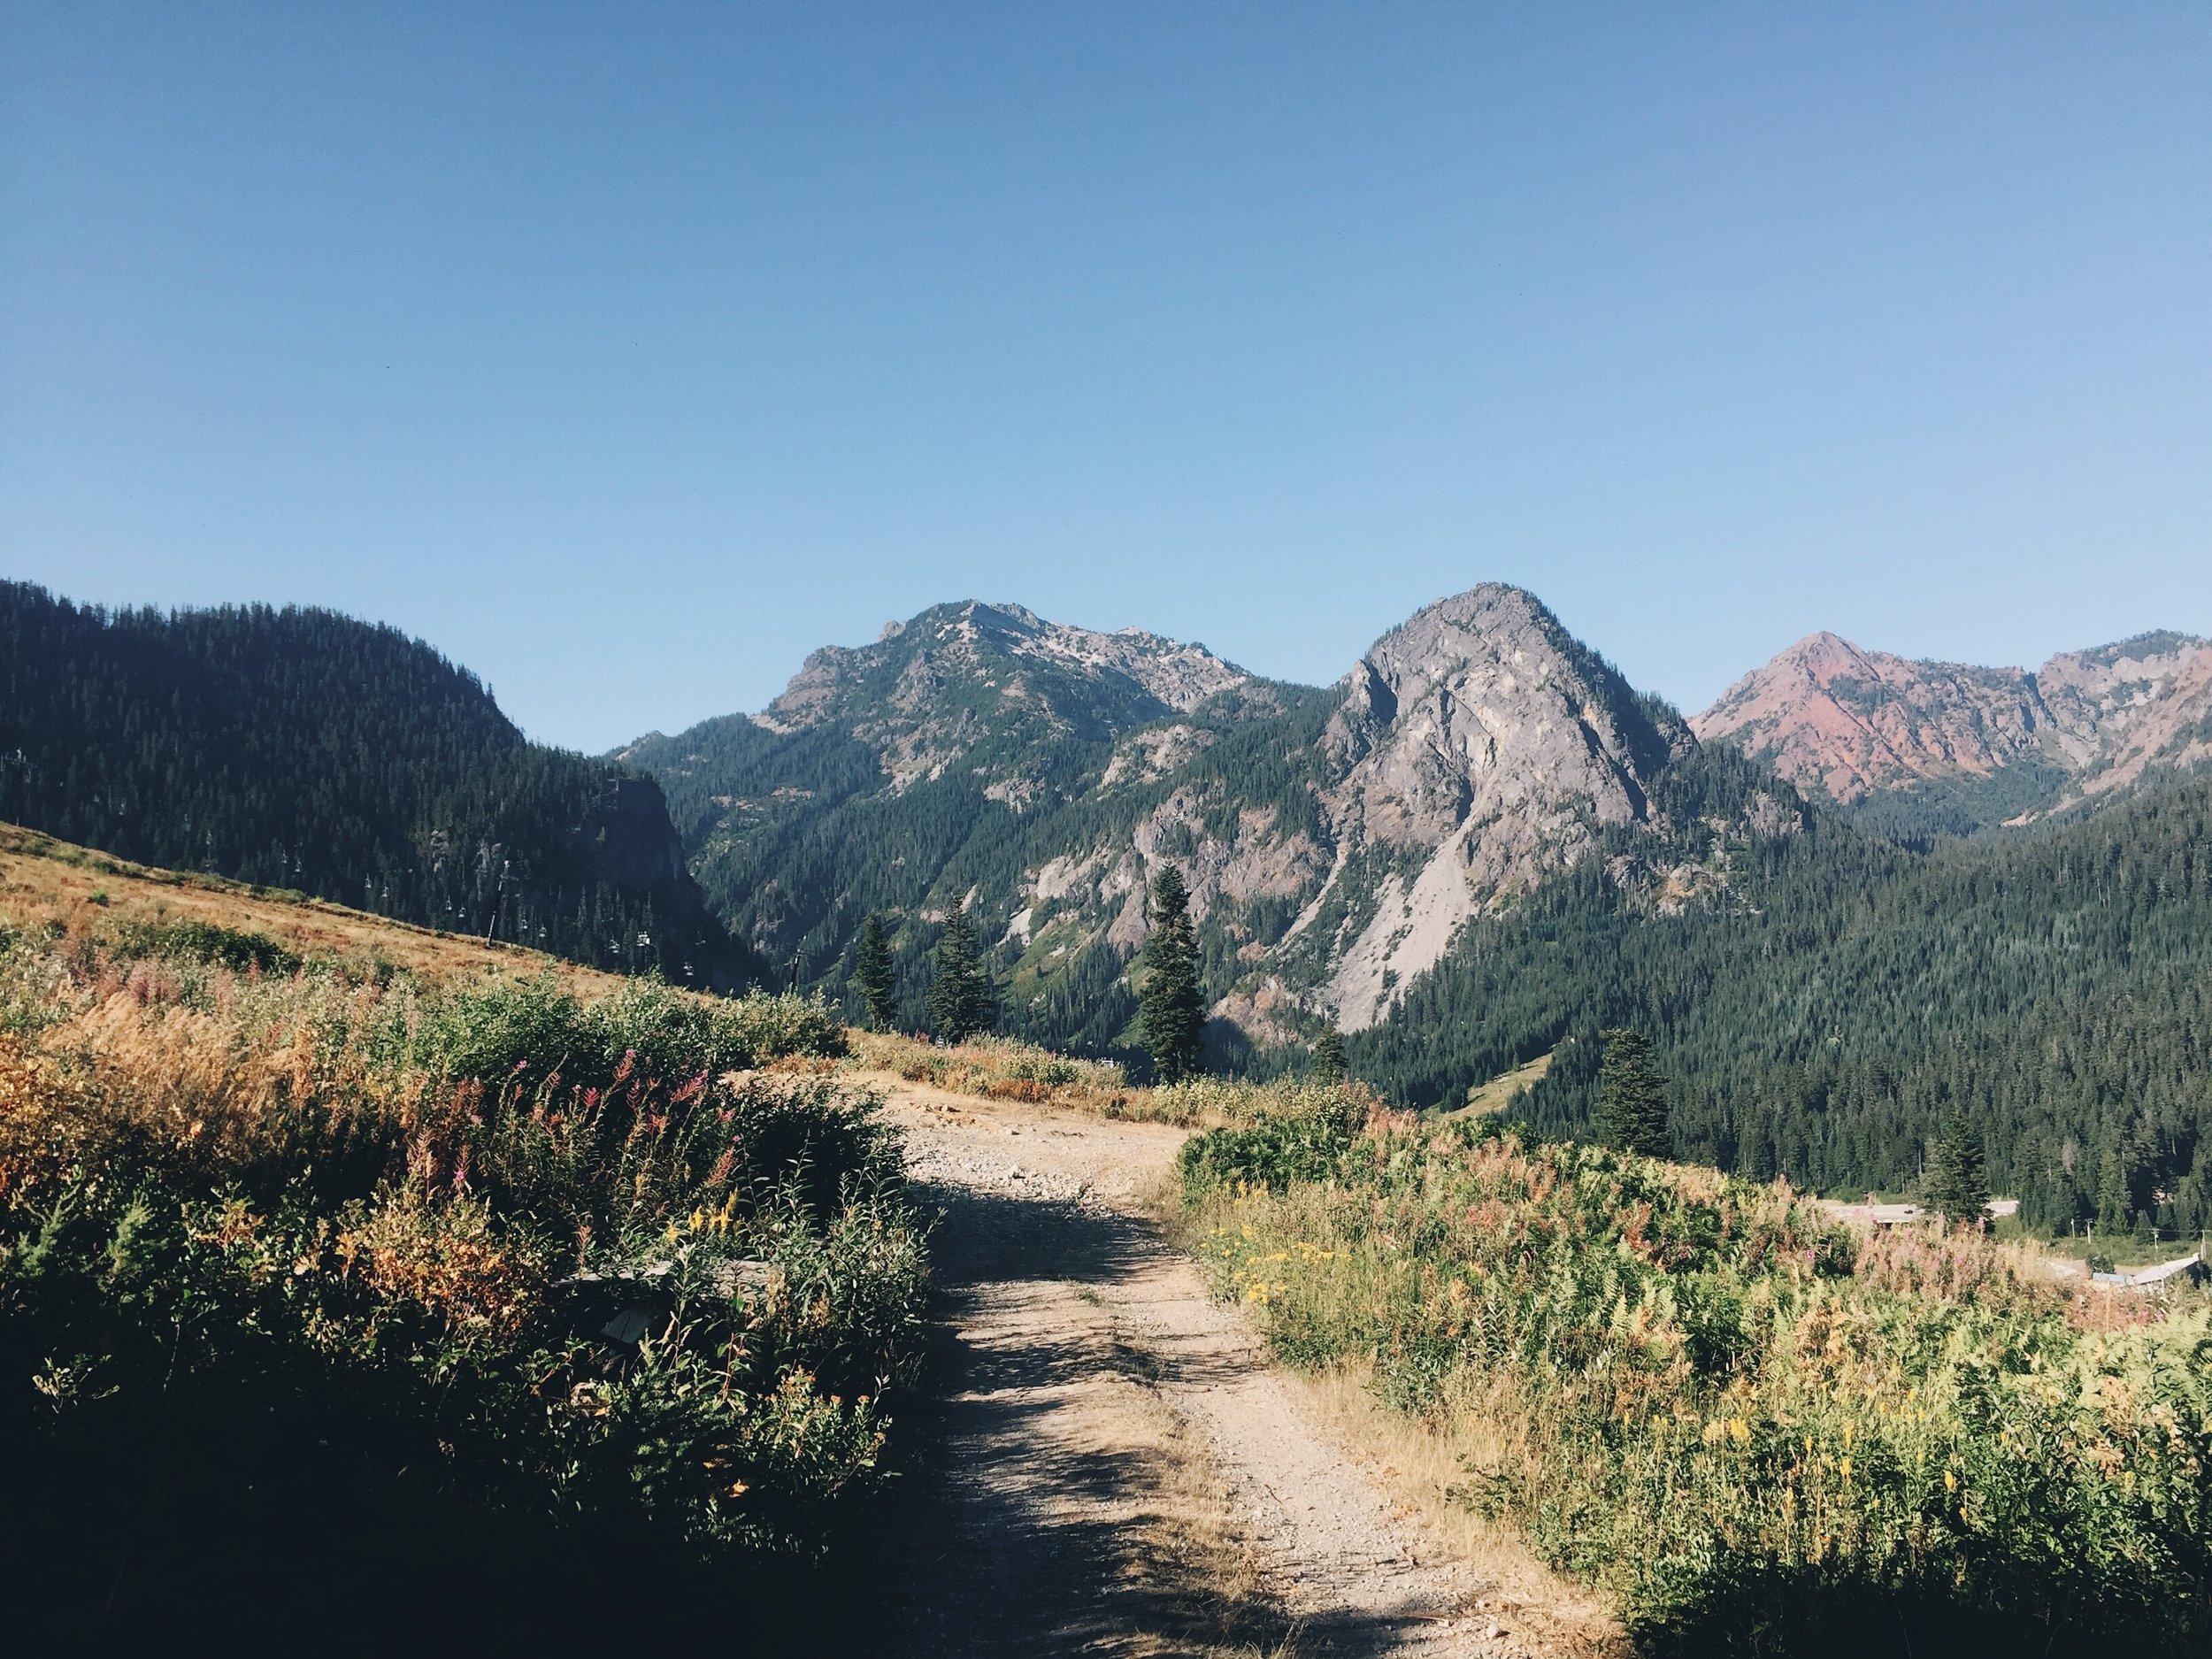 guye peak on the walk down to the pass